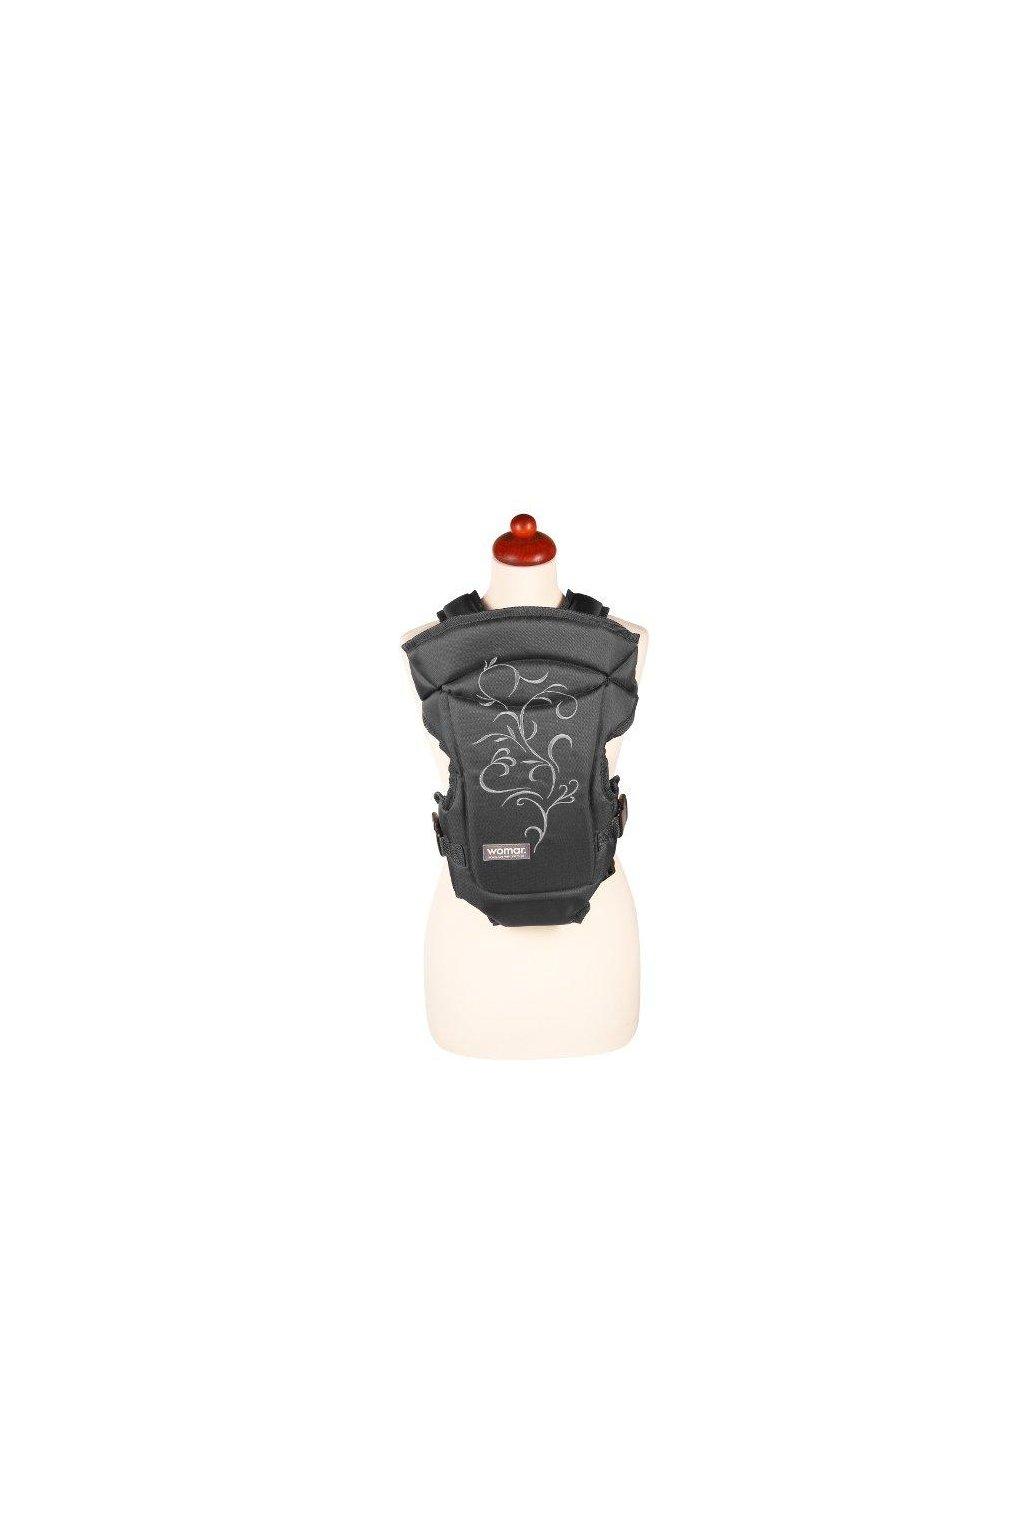 Nosítko Womar Zaffiro Butterfly čierne s bielou výšivkou